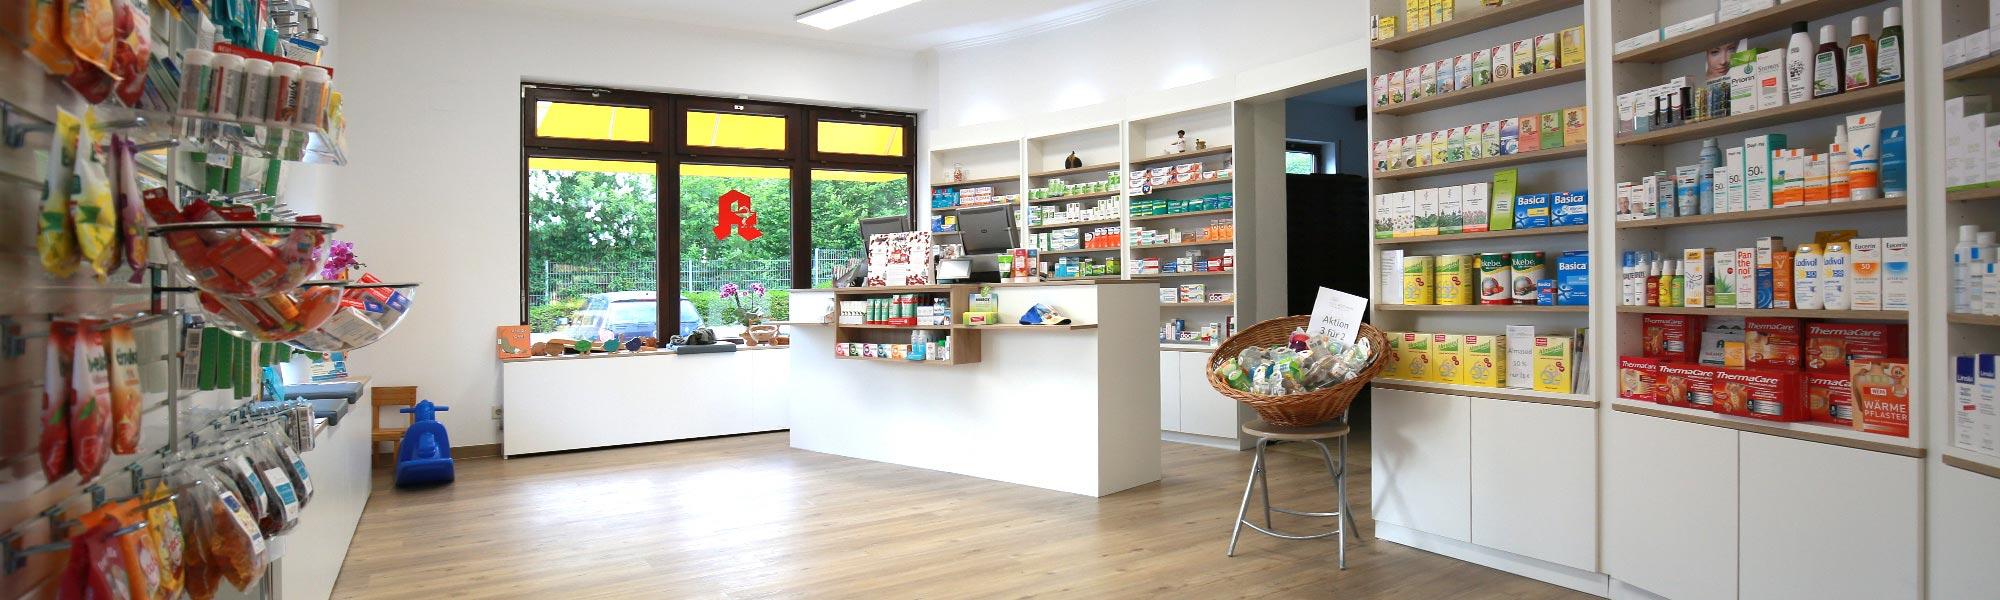 Igel Apotheke | Der Verkaufsraum